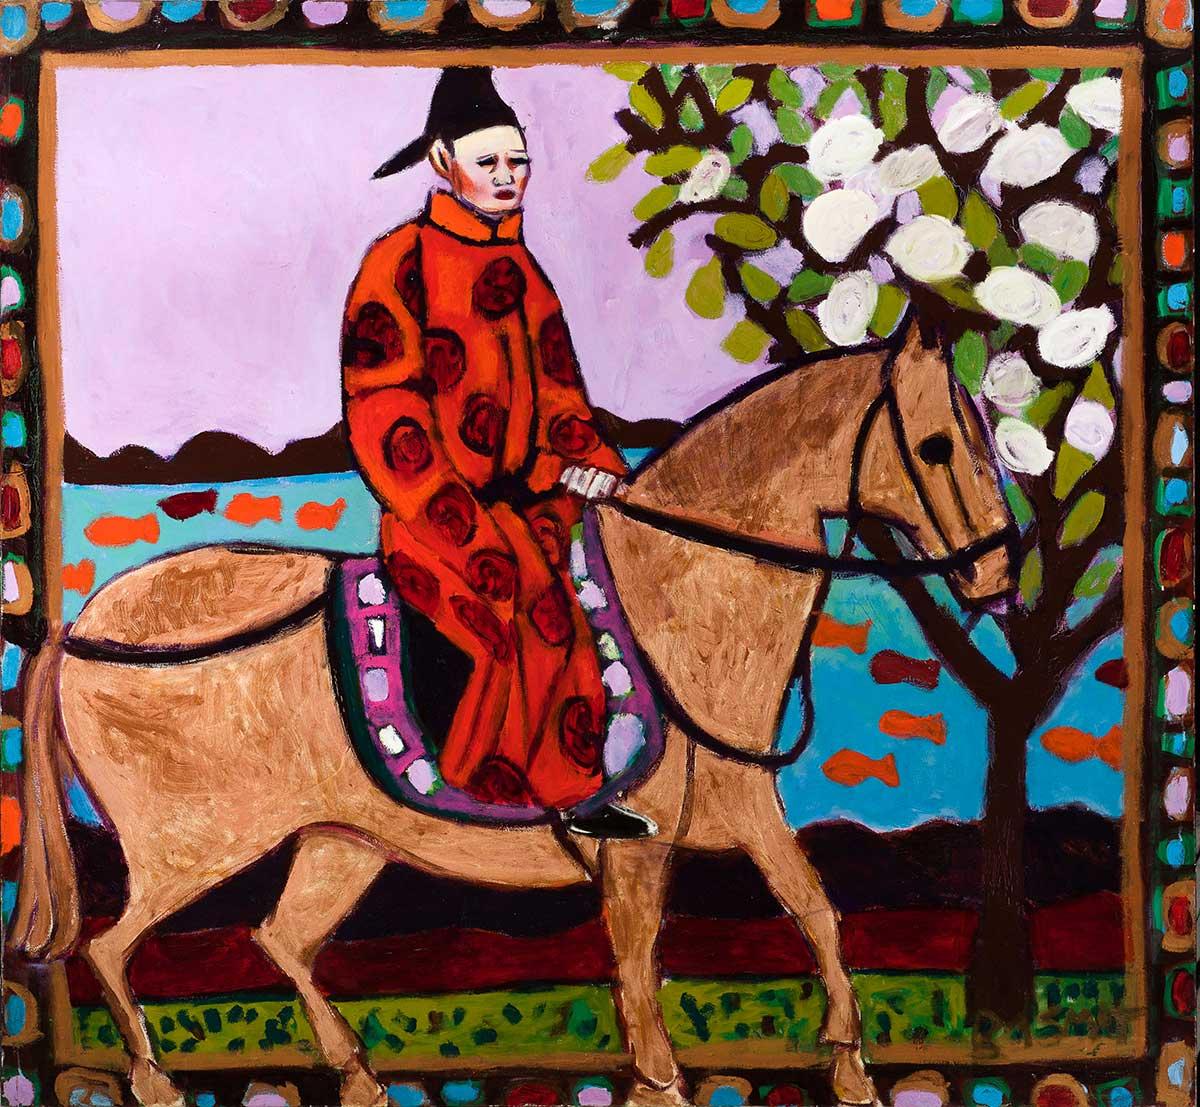 The Horseman  - 160cm x 170cm, Oil on Canvas